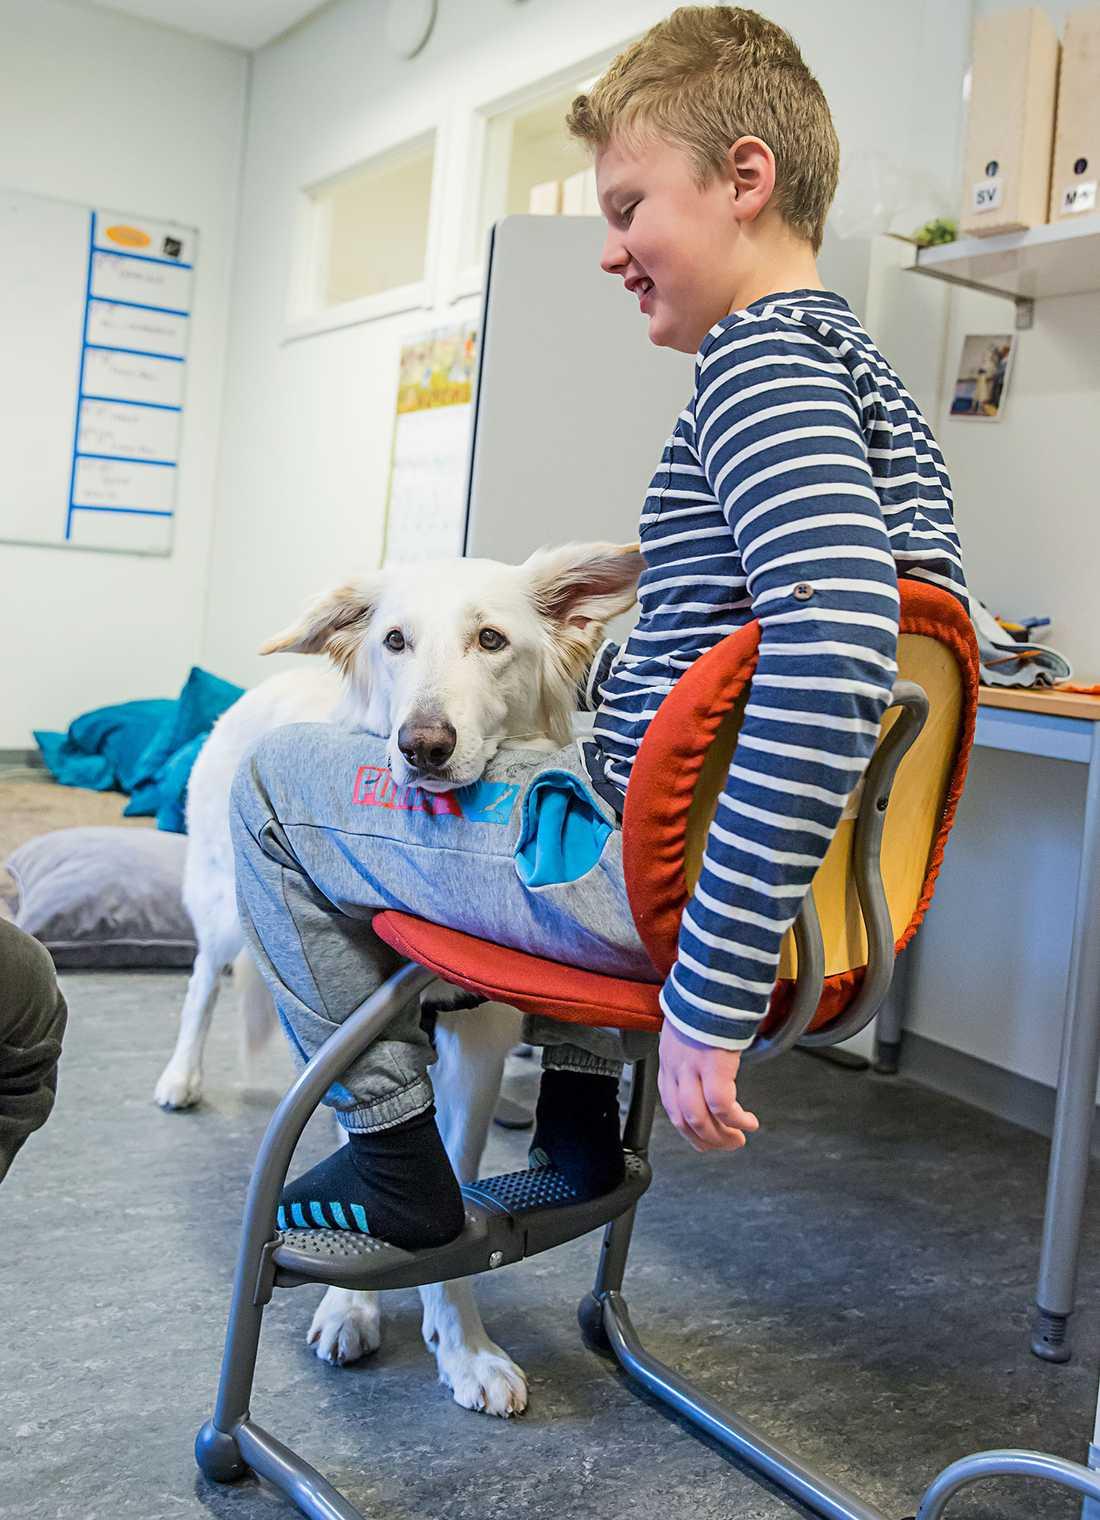 Jordan Ojanne, 10, berättar stolt att även om han inte har hund hemma så har han hund i skolan.